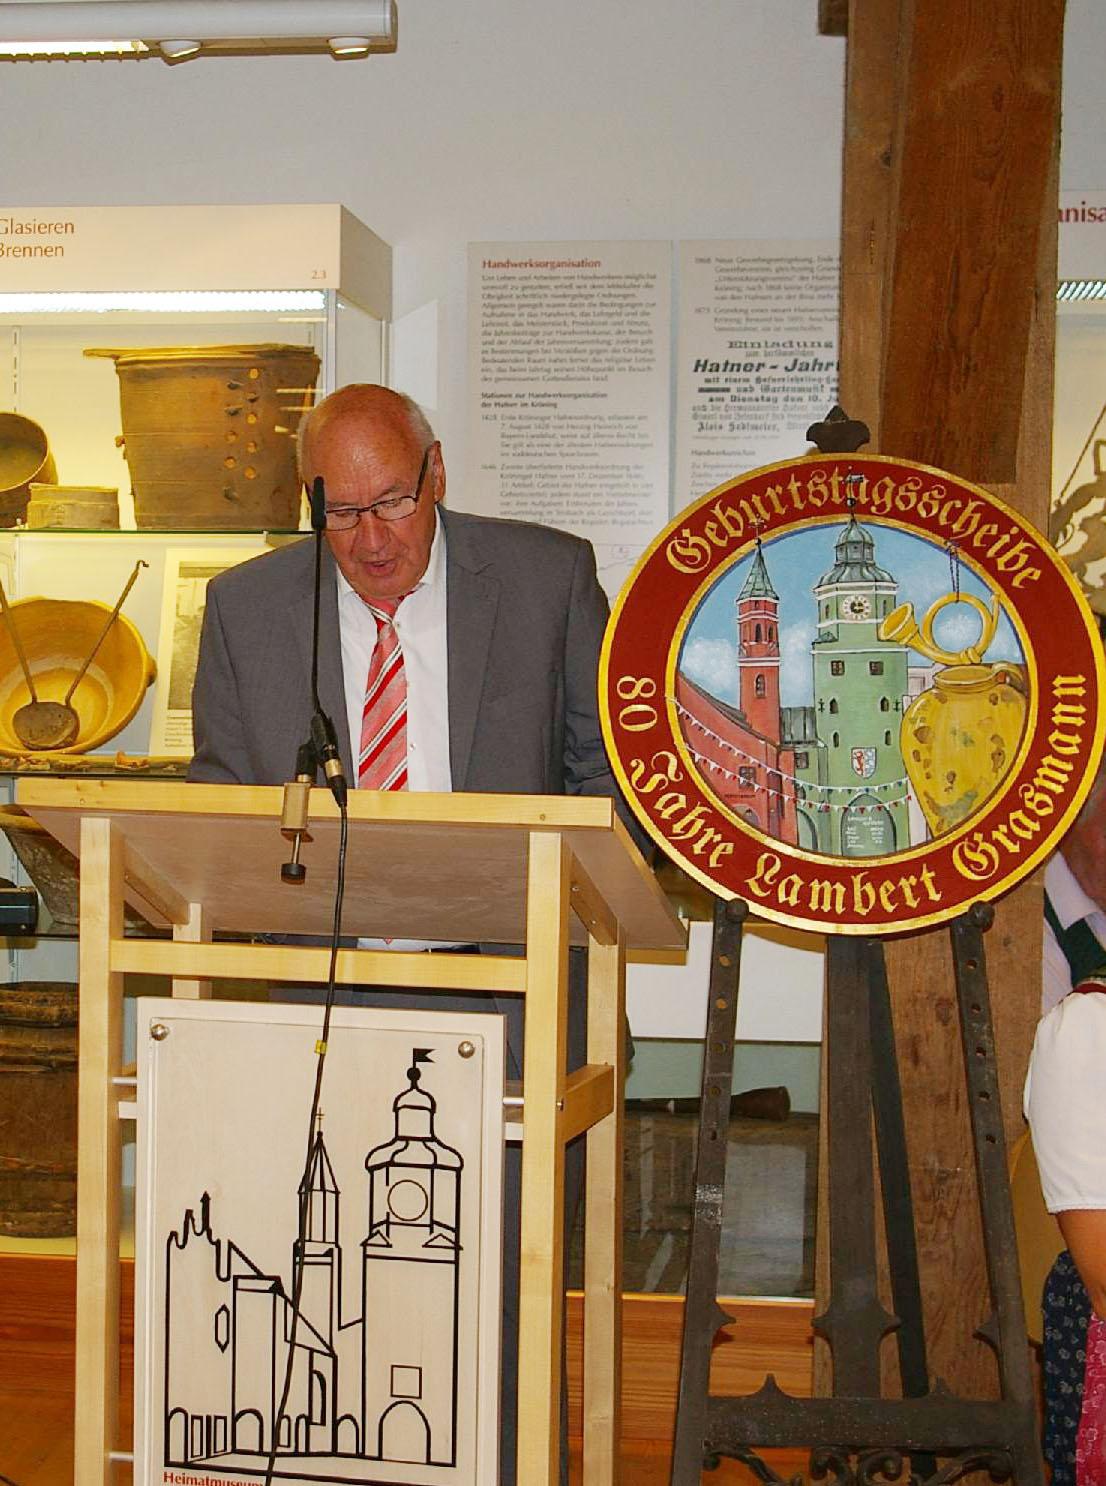 Die unermüdliche ehrenamtliche Tätigkeit der Jubilare für das weit über die Grenzen des Landkreises Landshut geschätzte Heimatmuseum spricht Stellvertretender Landrat Rudi Lehner an.